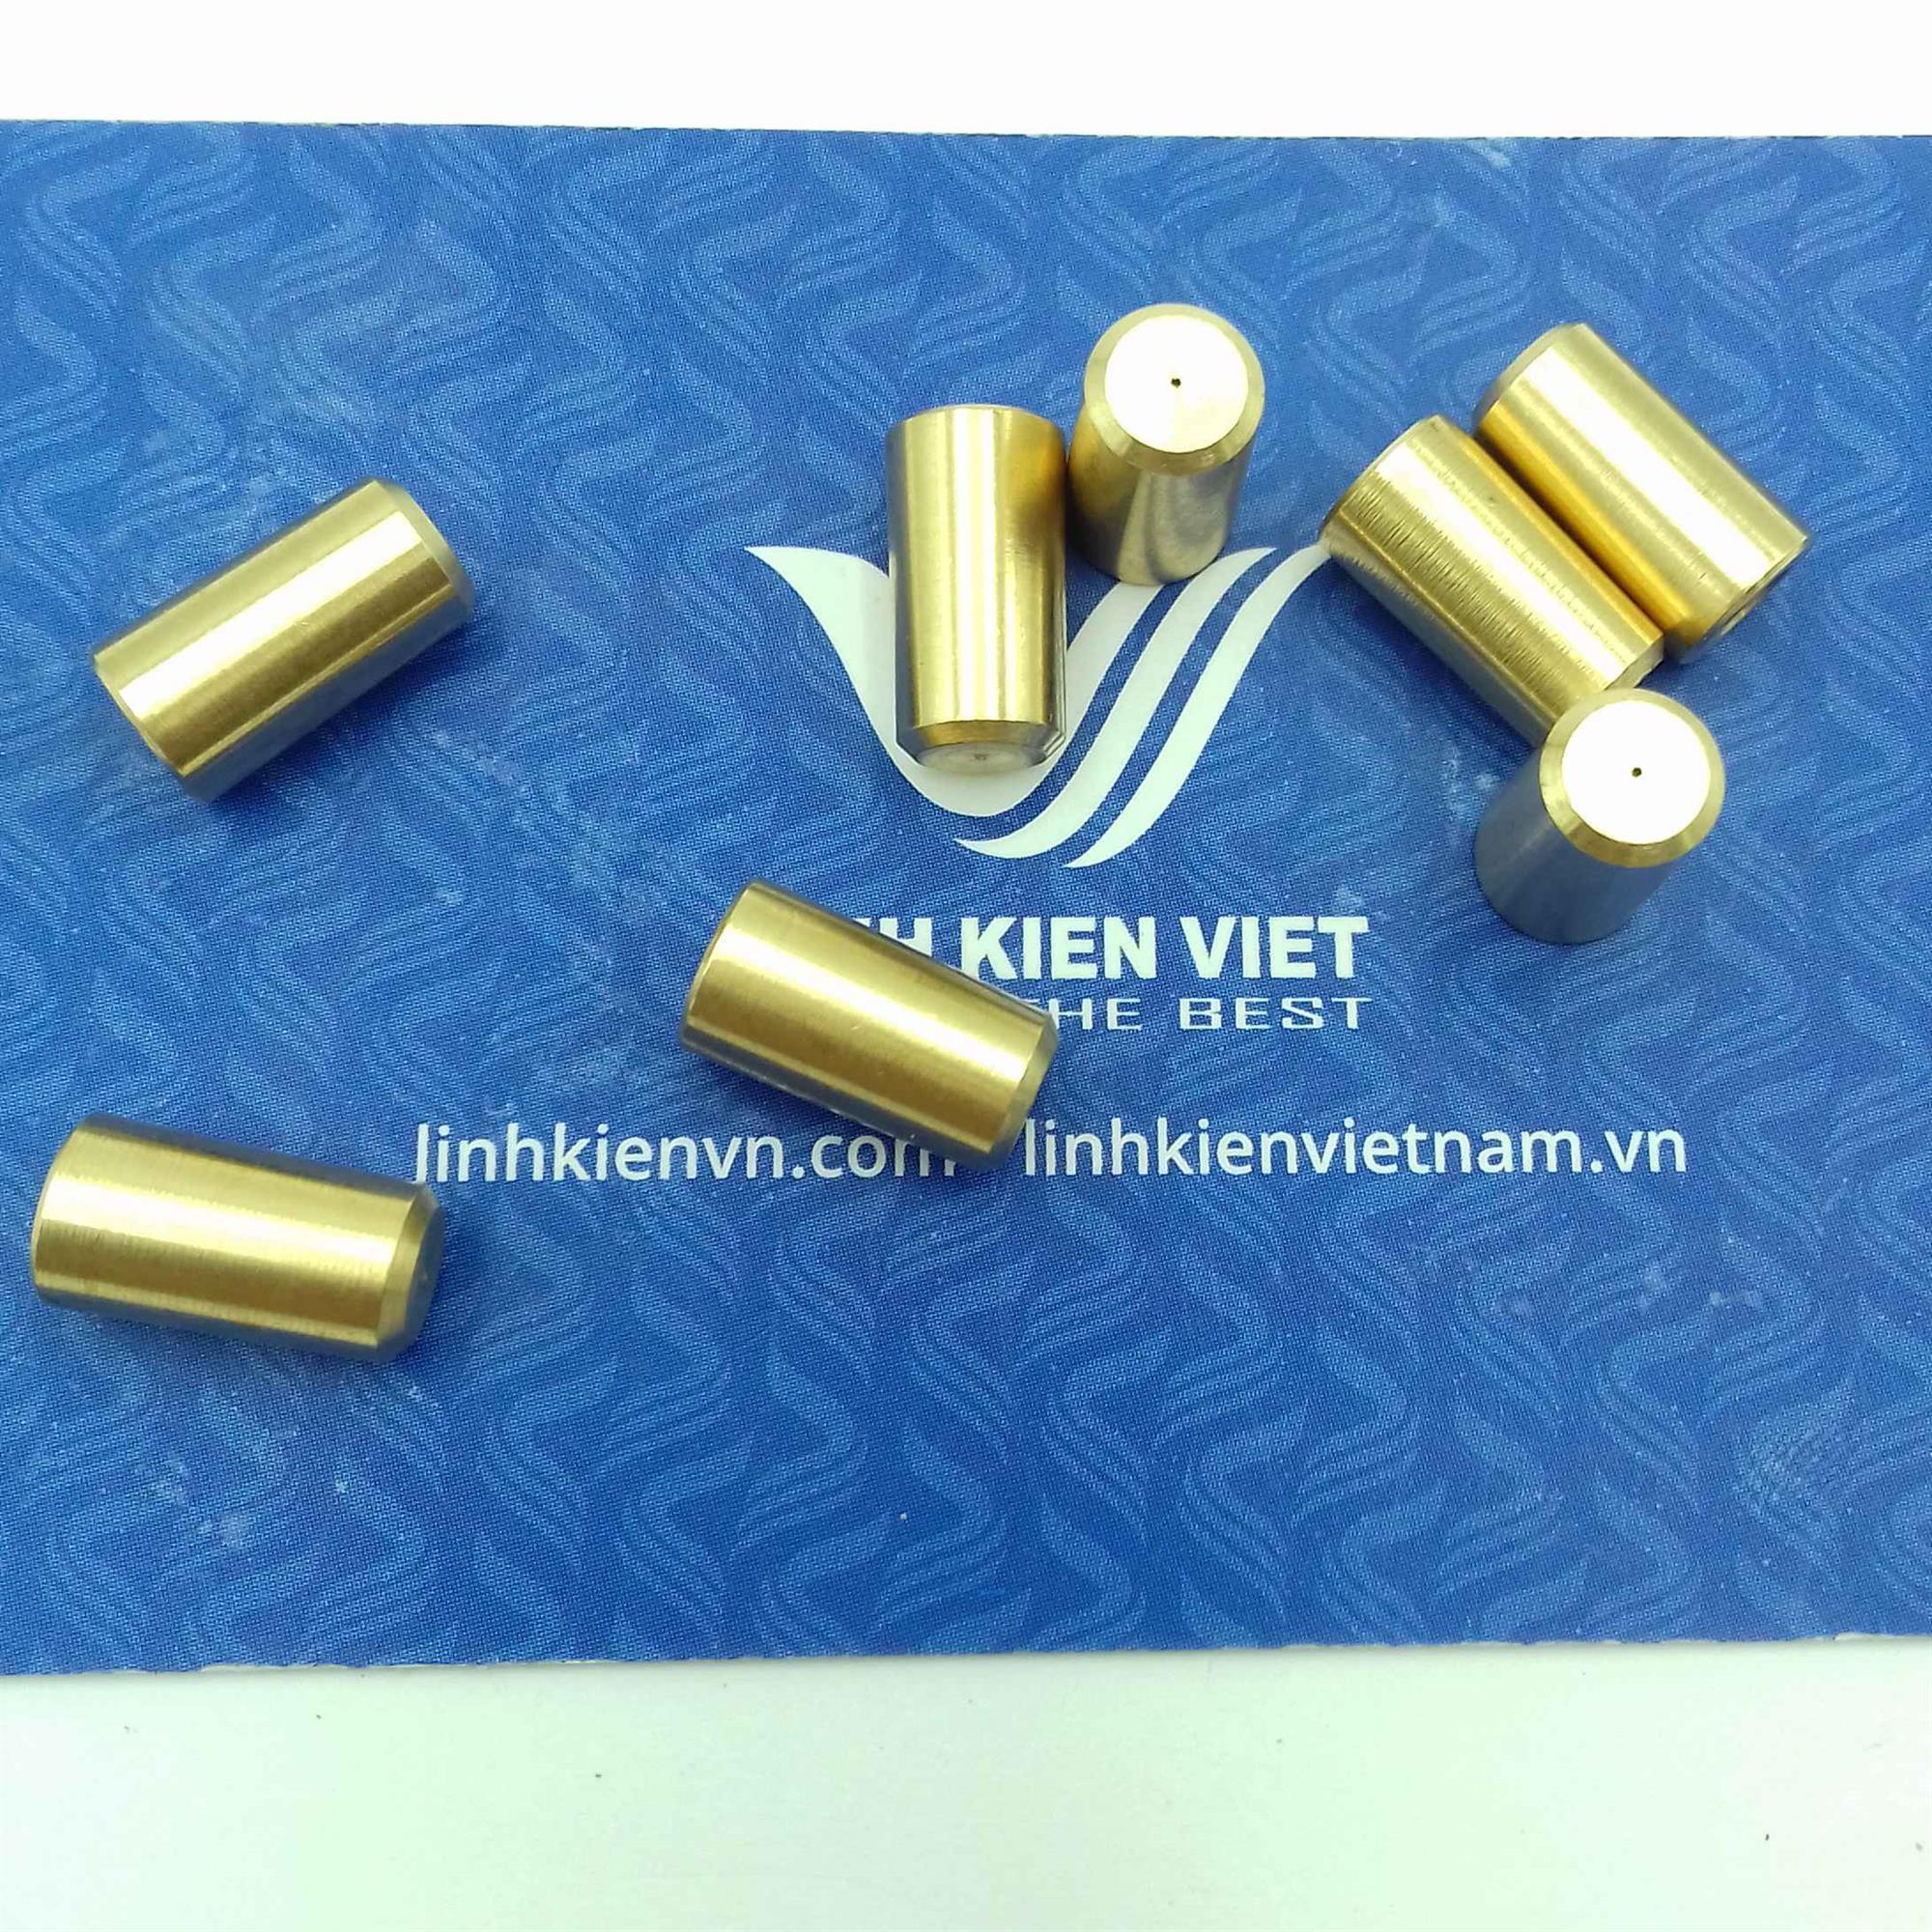 Đầu đồng chụp khoan JT0 B6 trục 3.17mm cho đầu khoan 0.6-4mm - i5H15